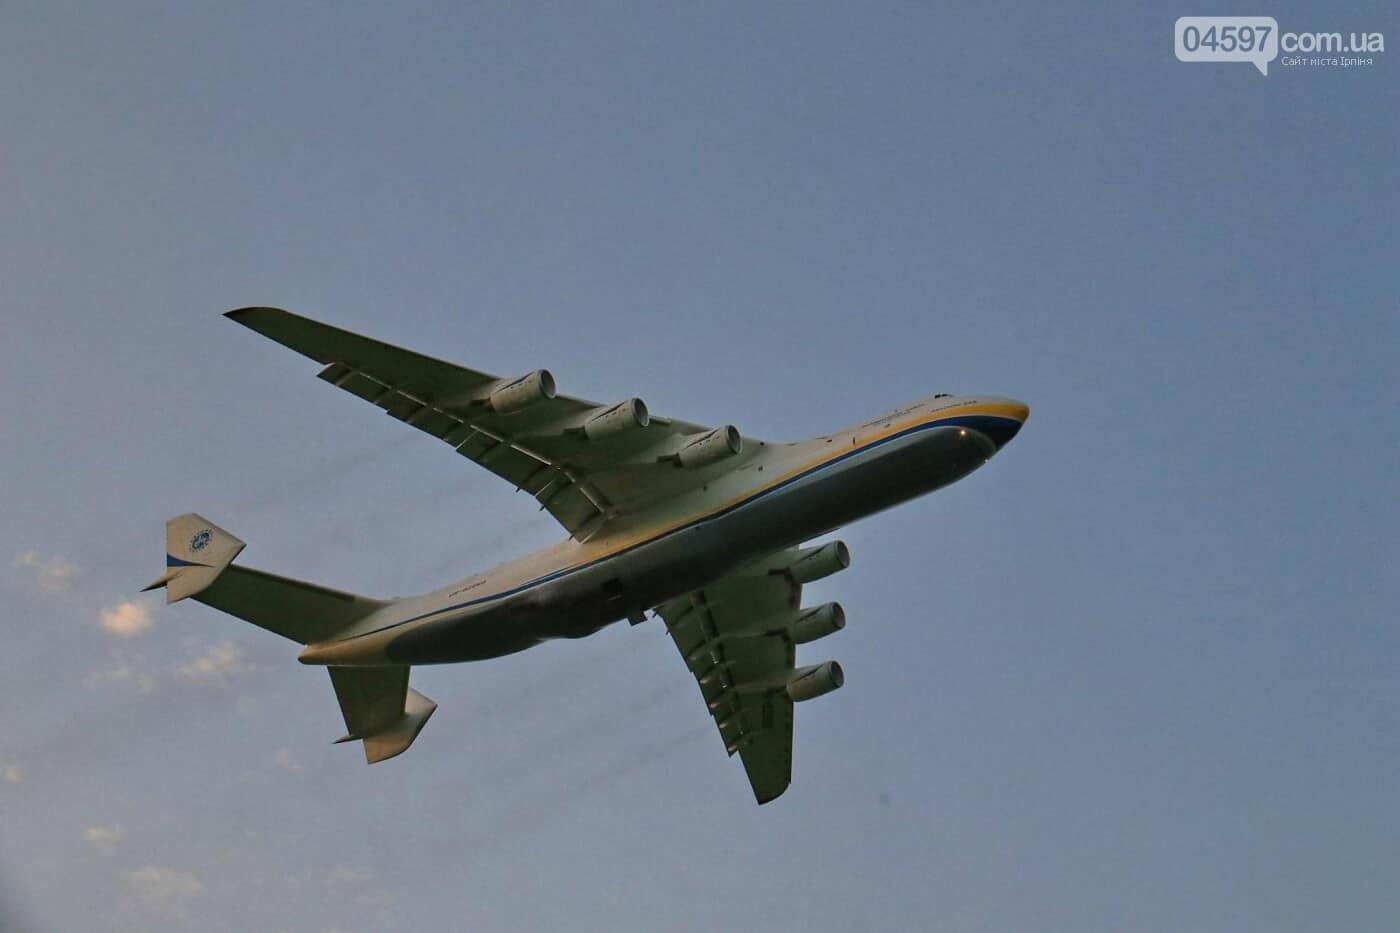 Транспортний літак Ан-225 «Мрія» 22 червня 2021 року